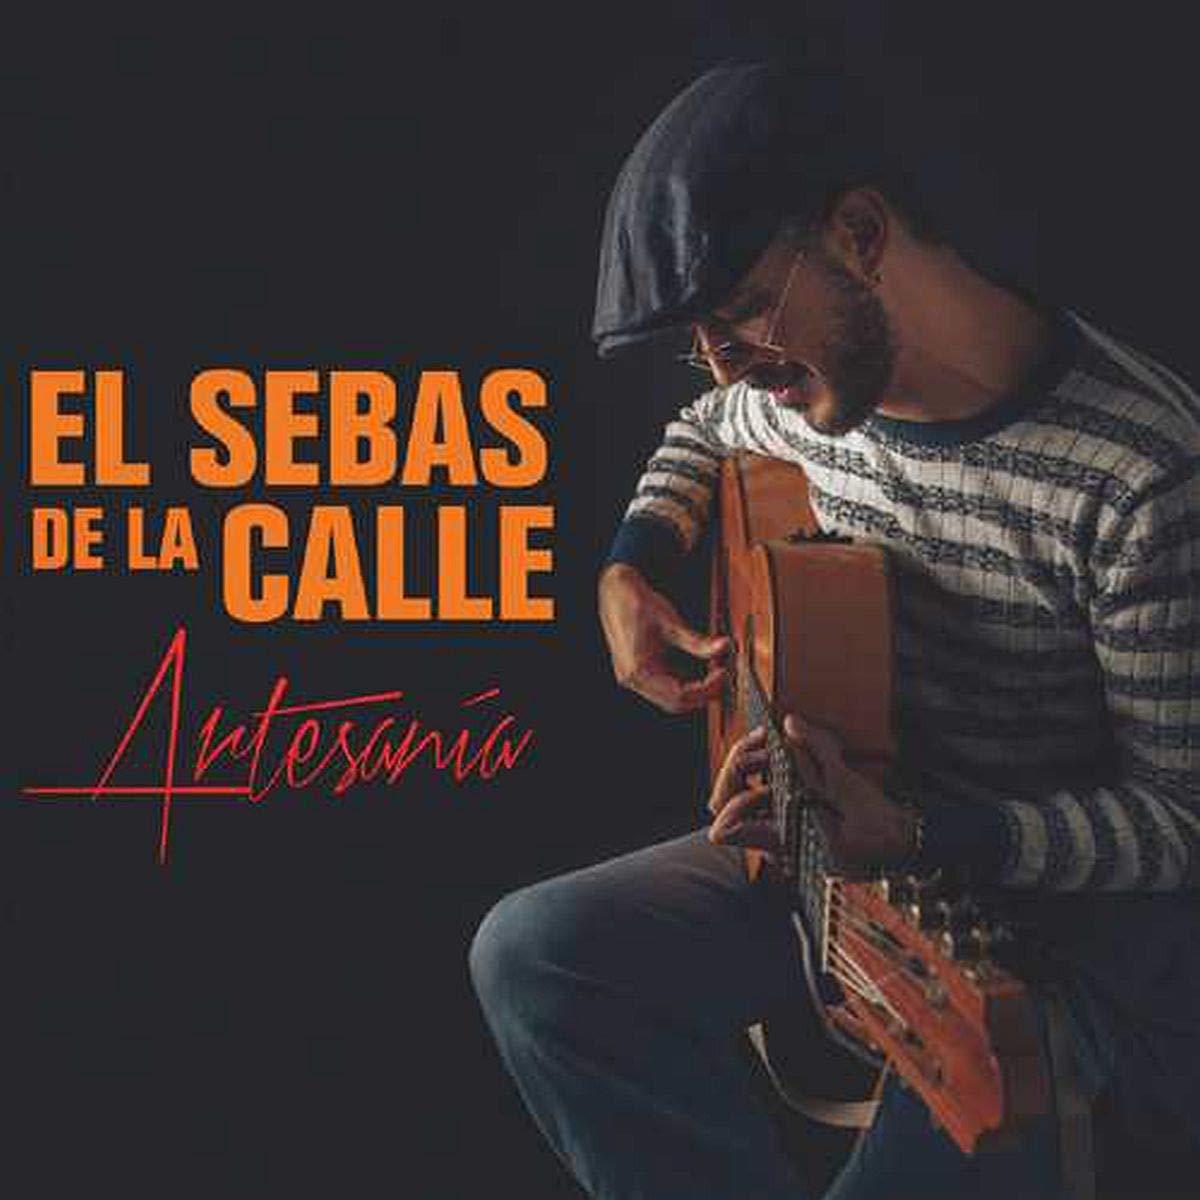 Artesania Cd: El Sebas De La Calle: Amazon.es: Música